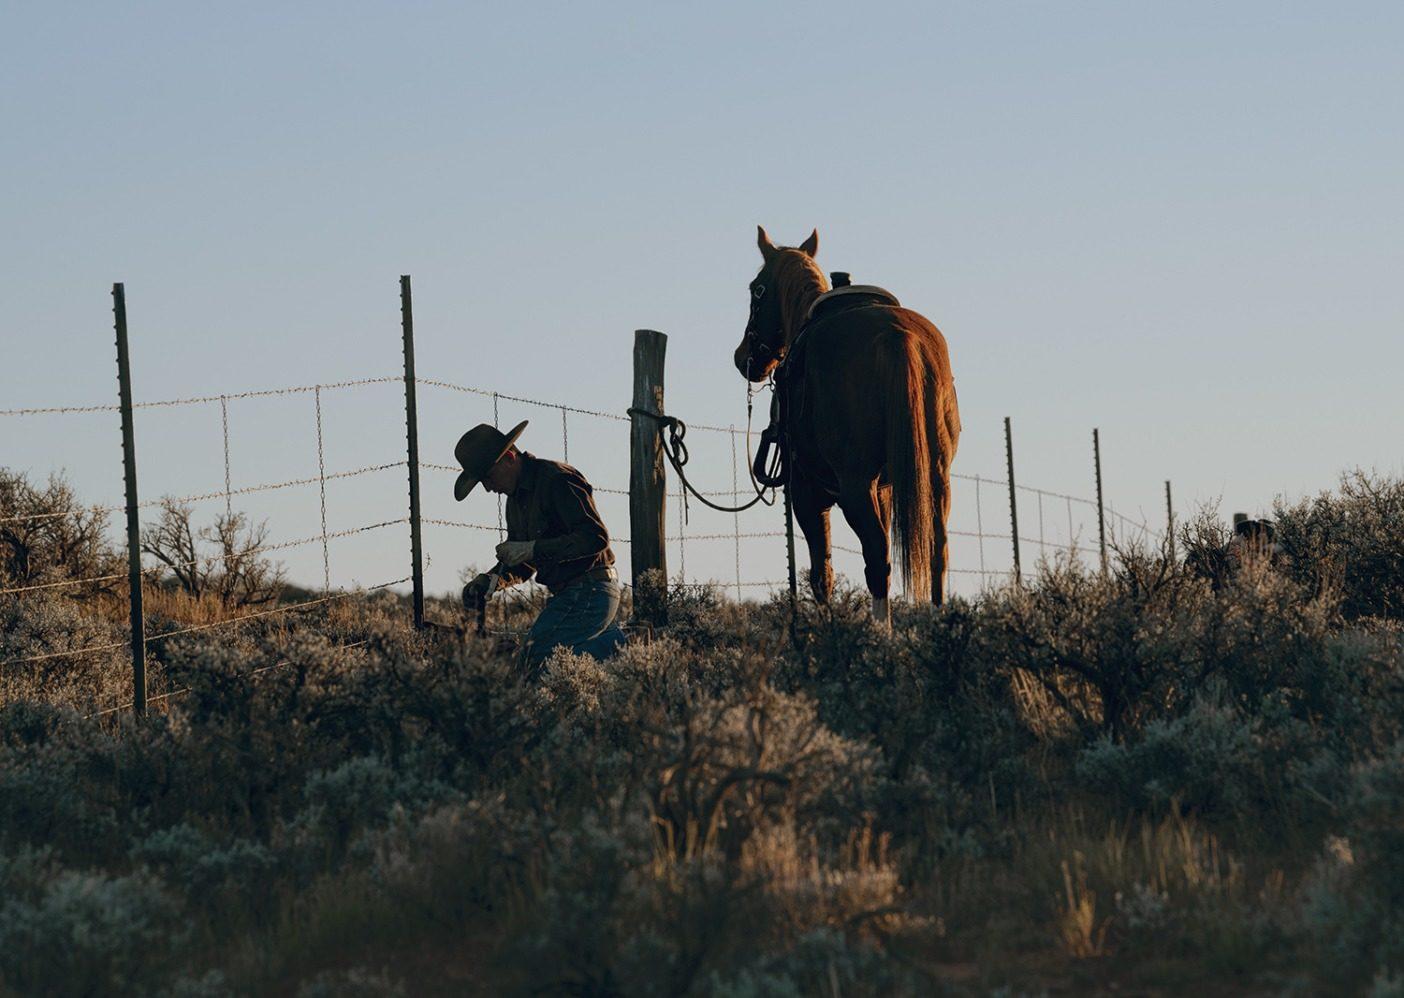 馬と一緒に柵を修理中。